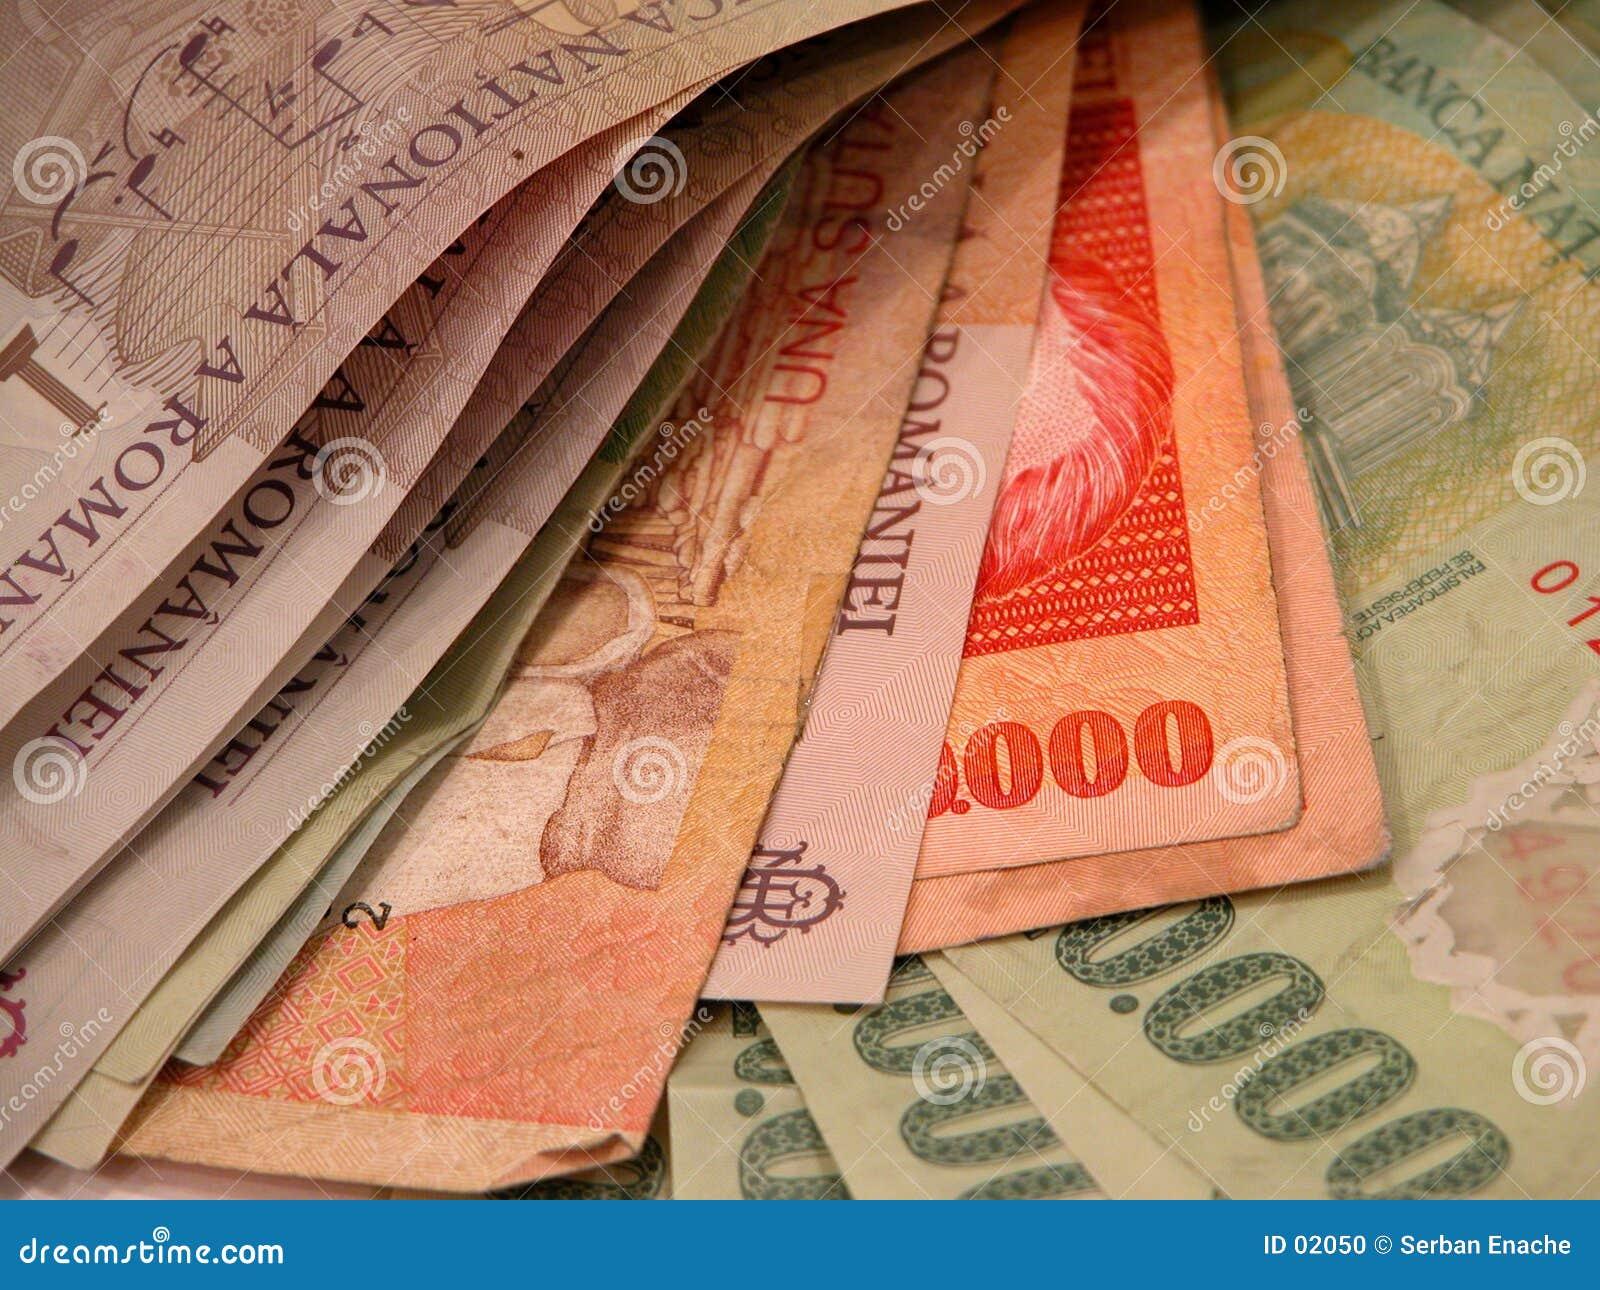 Banknotes and bills